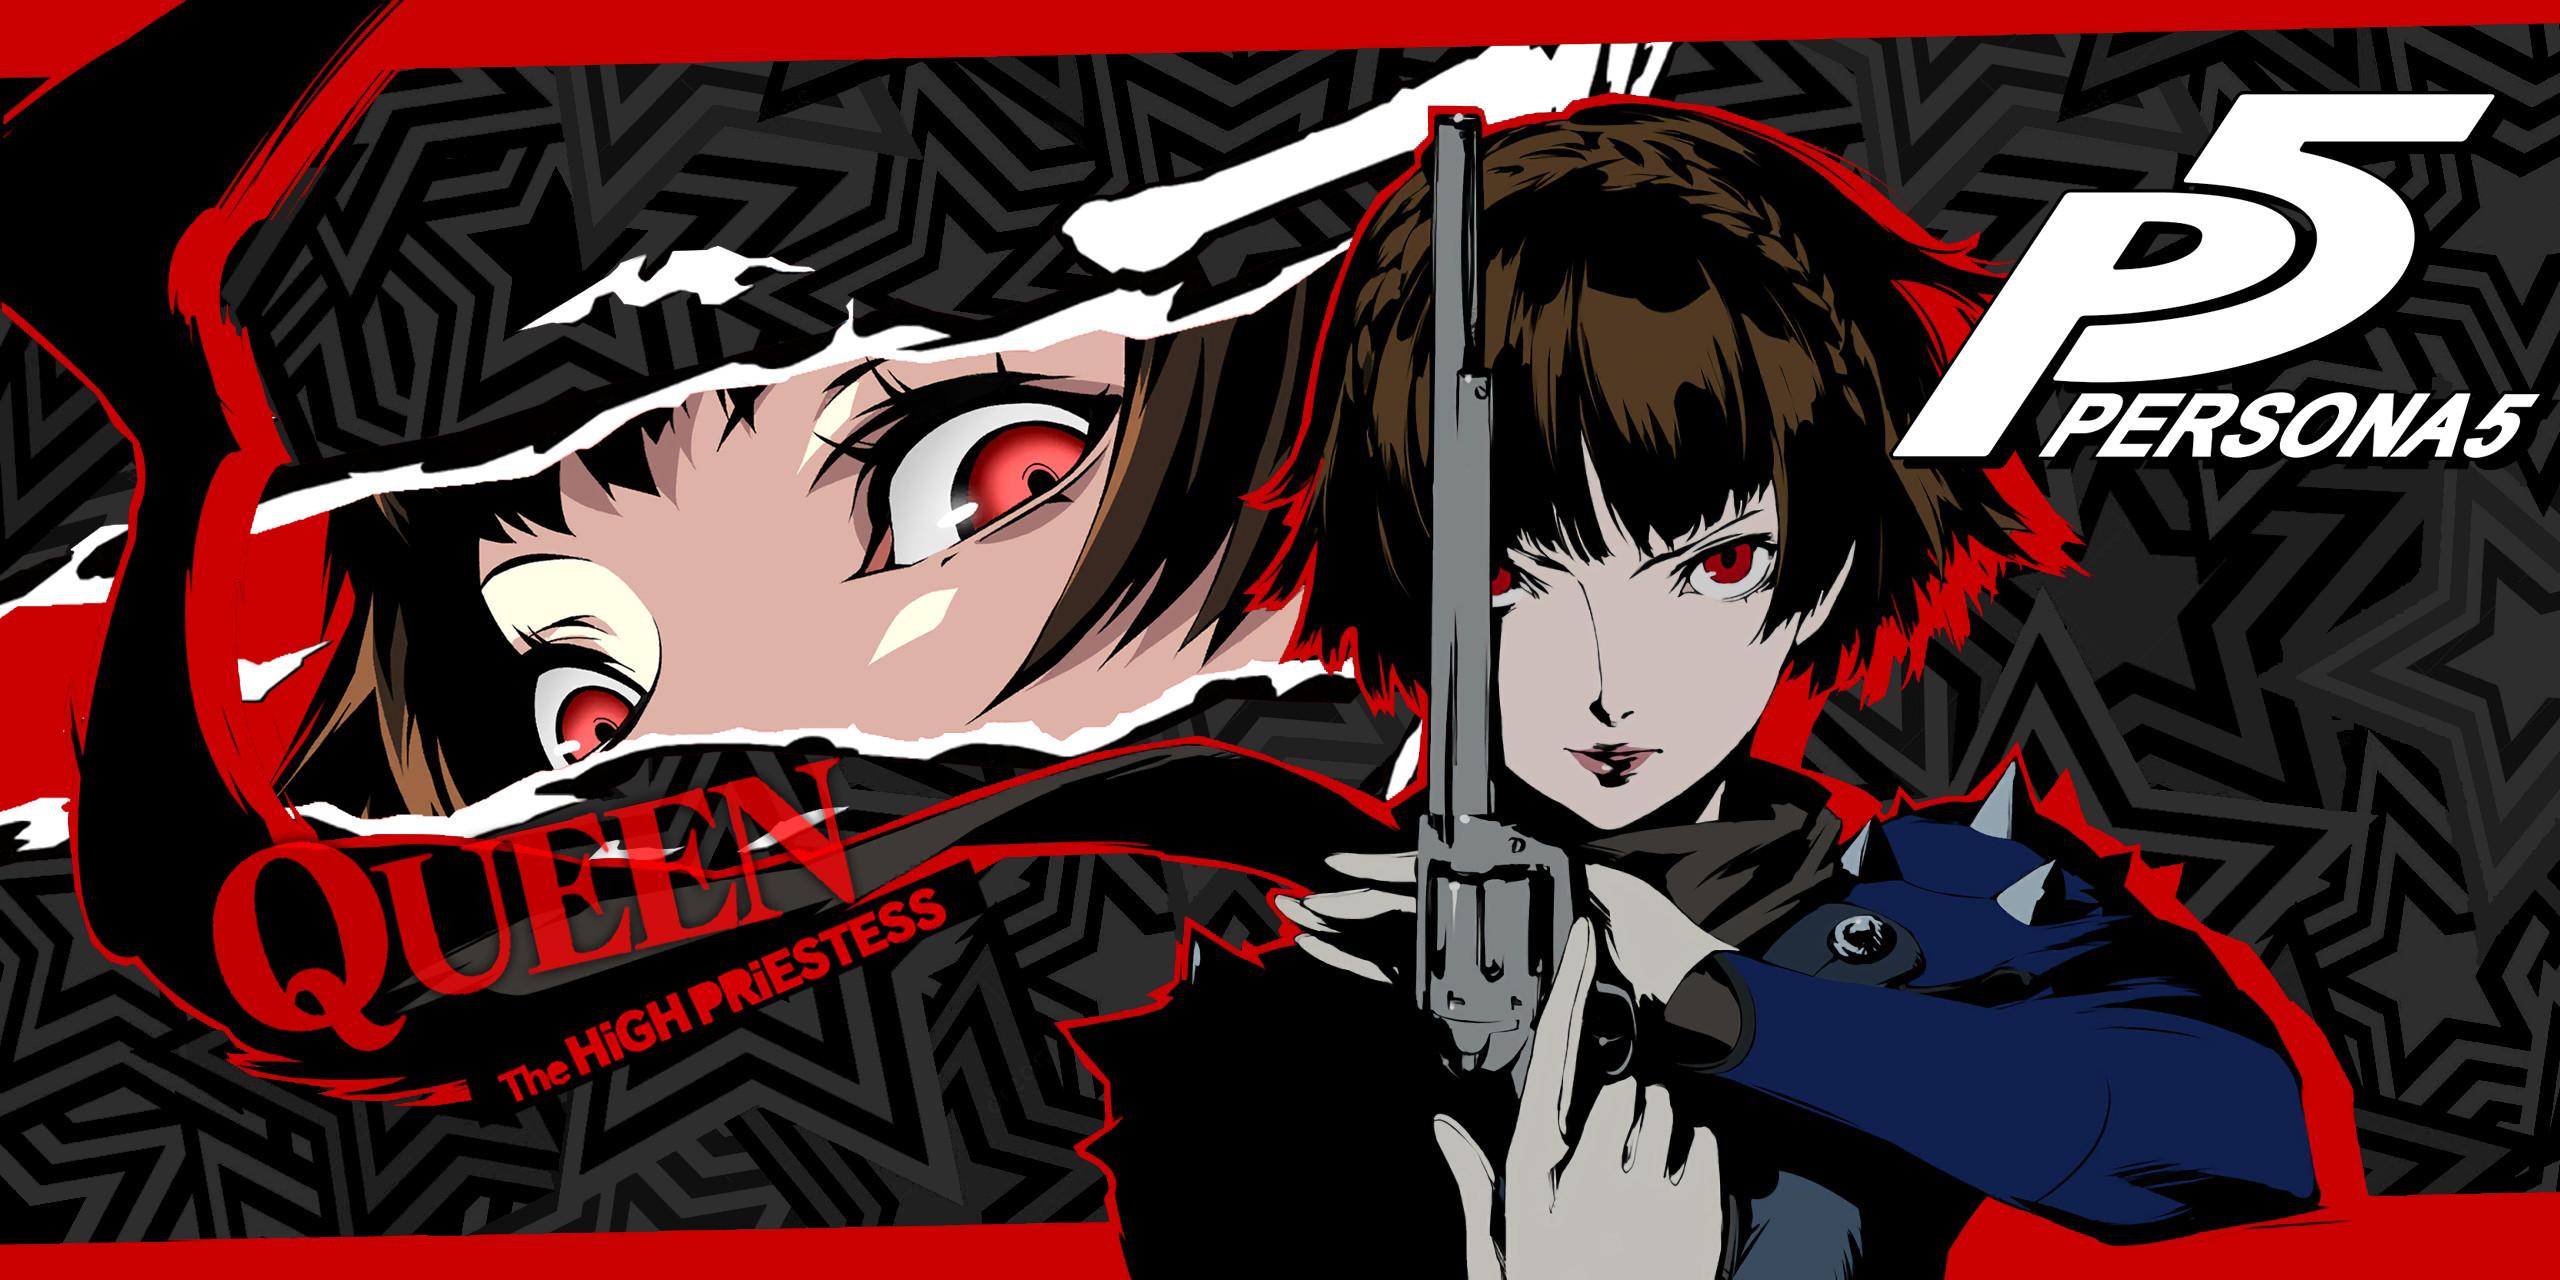 Persona 5 Desktop Wallpaper Dump